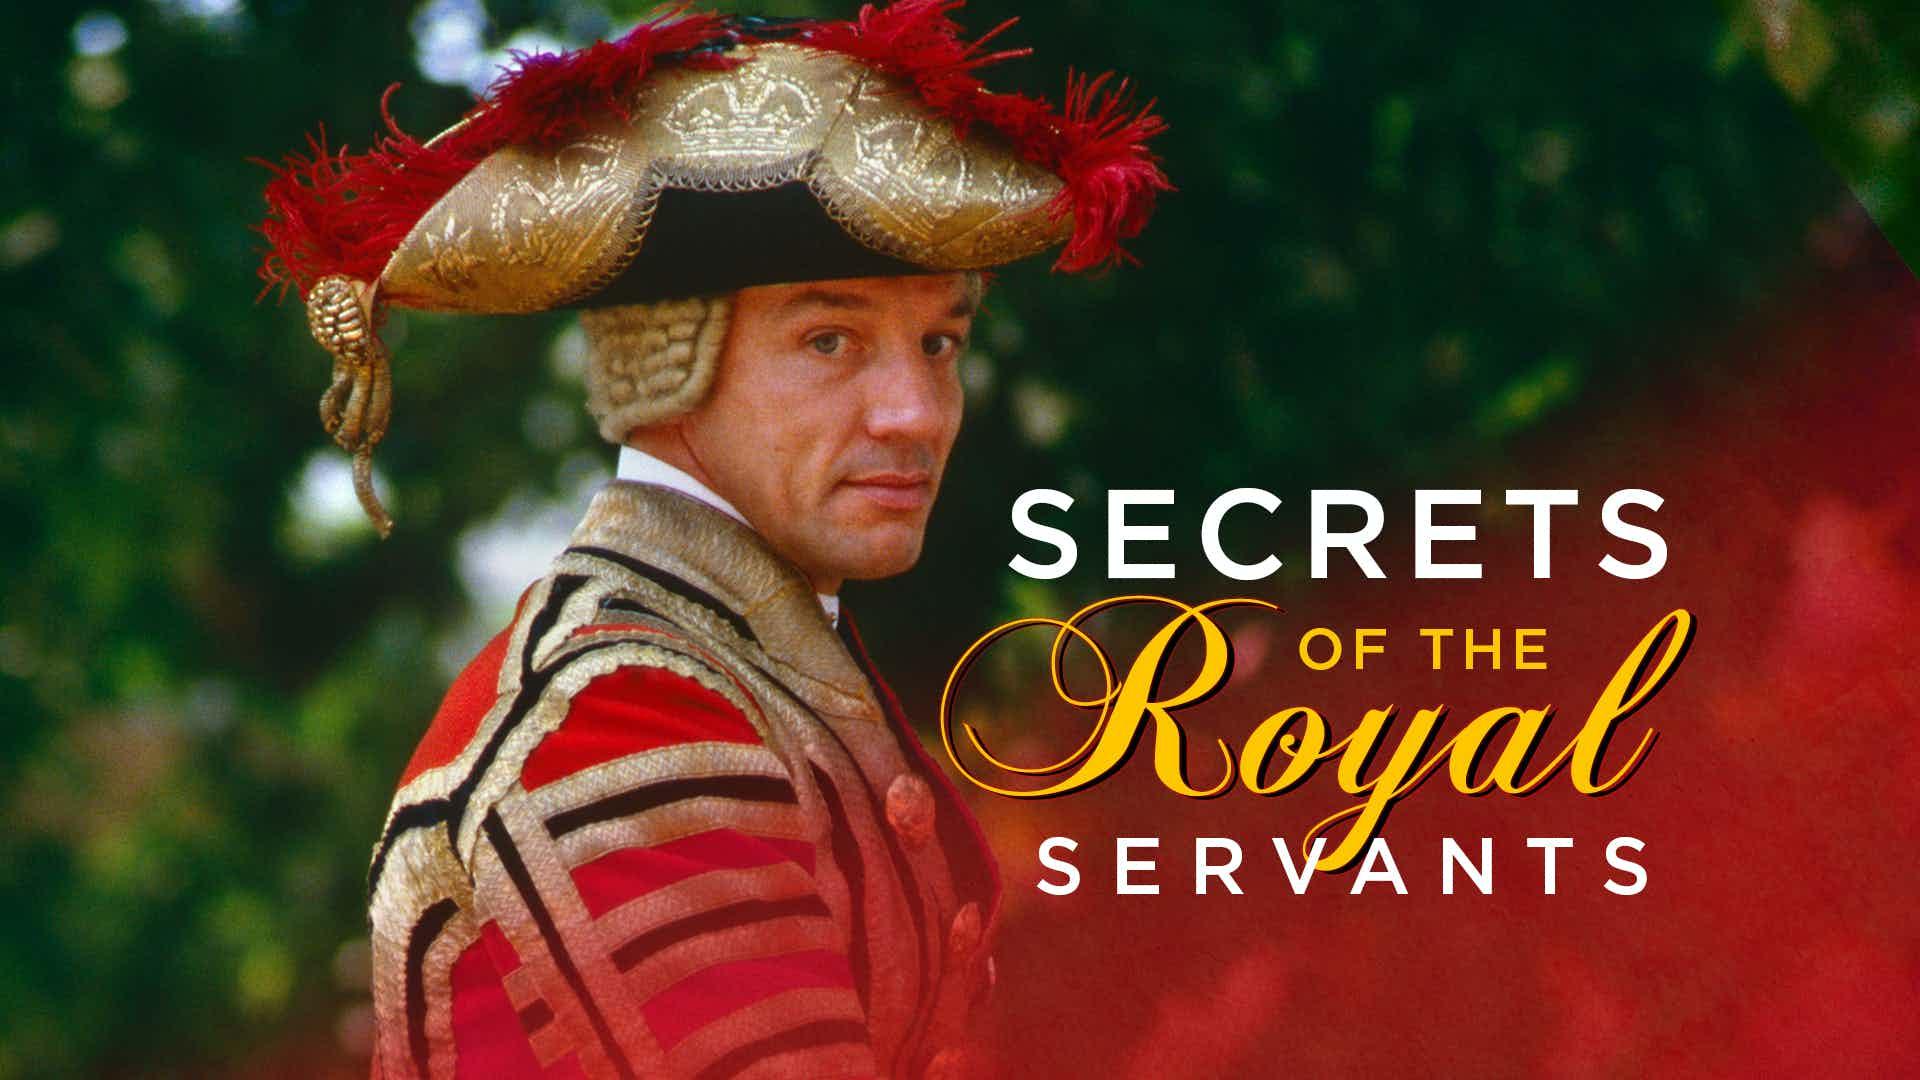 Secrets of the Royal Servants